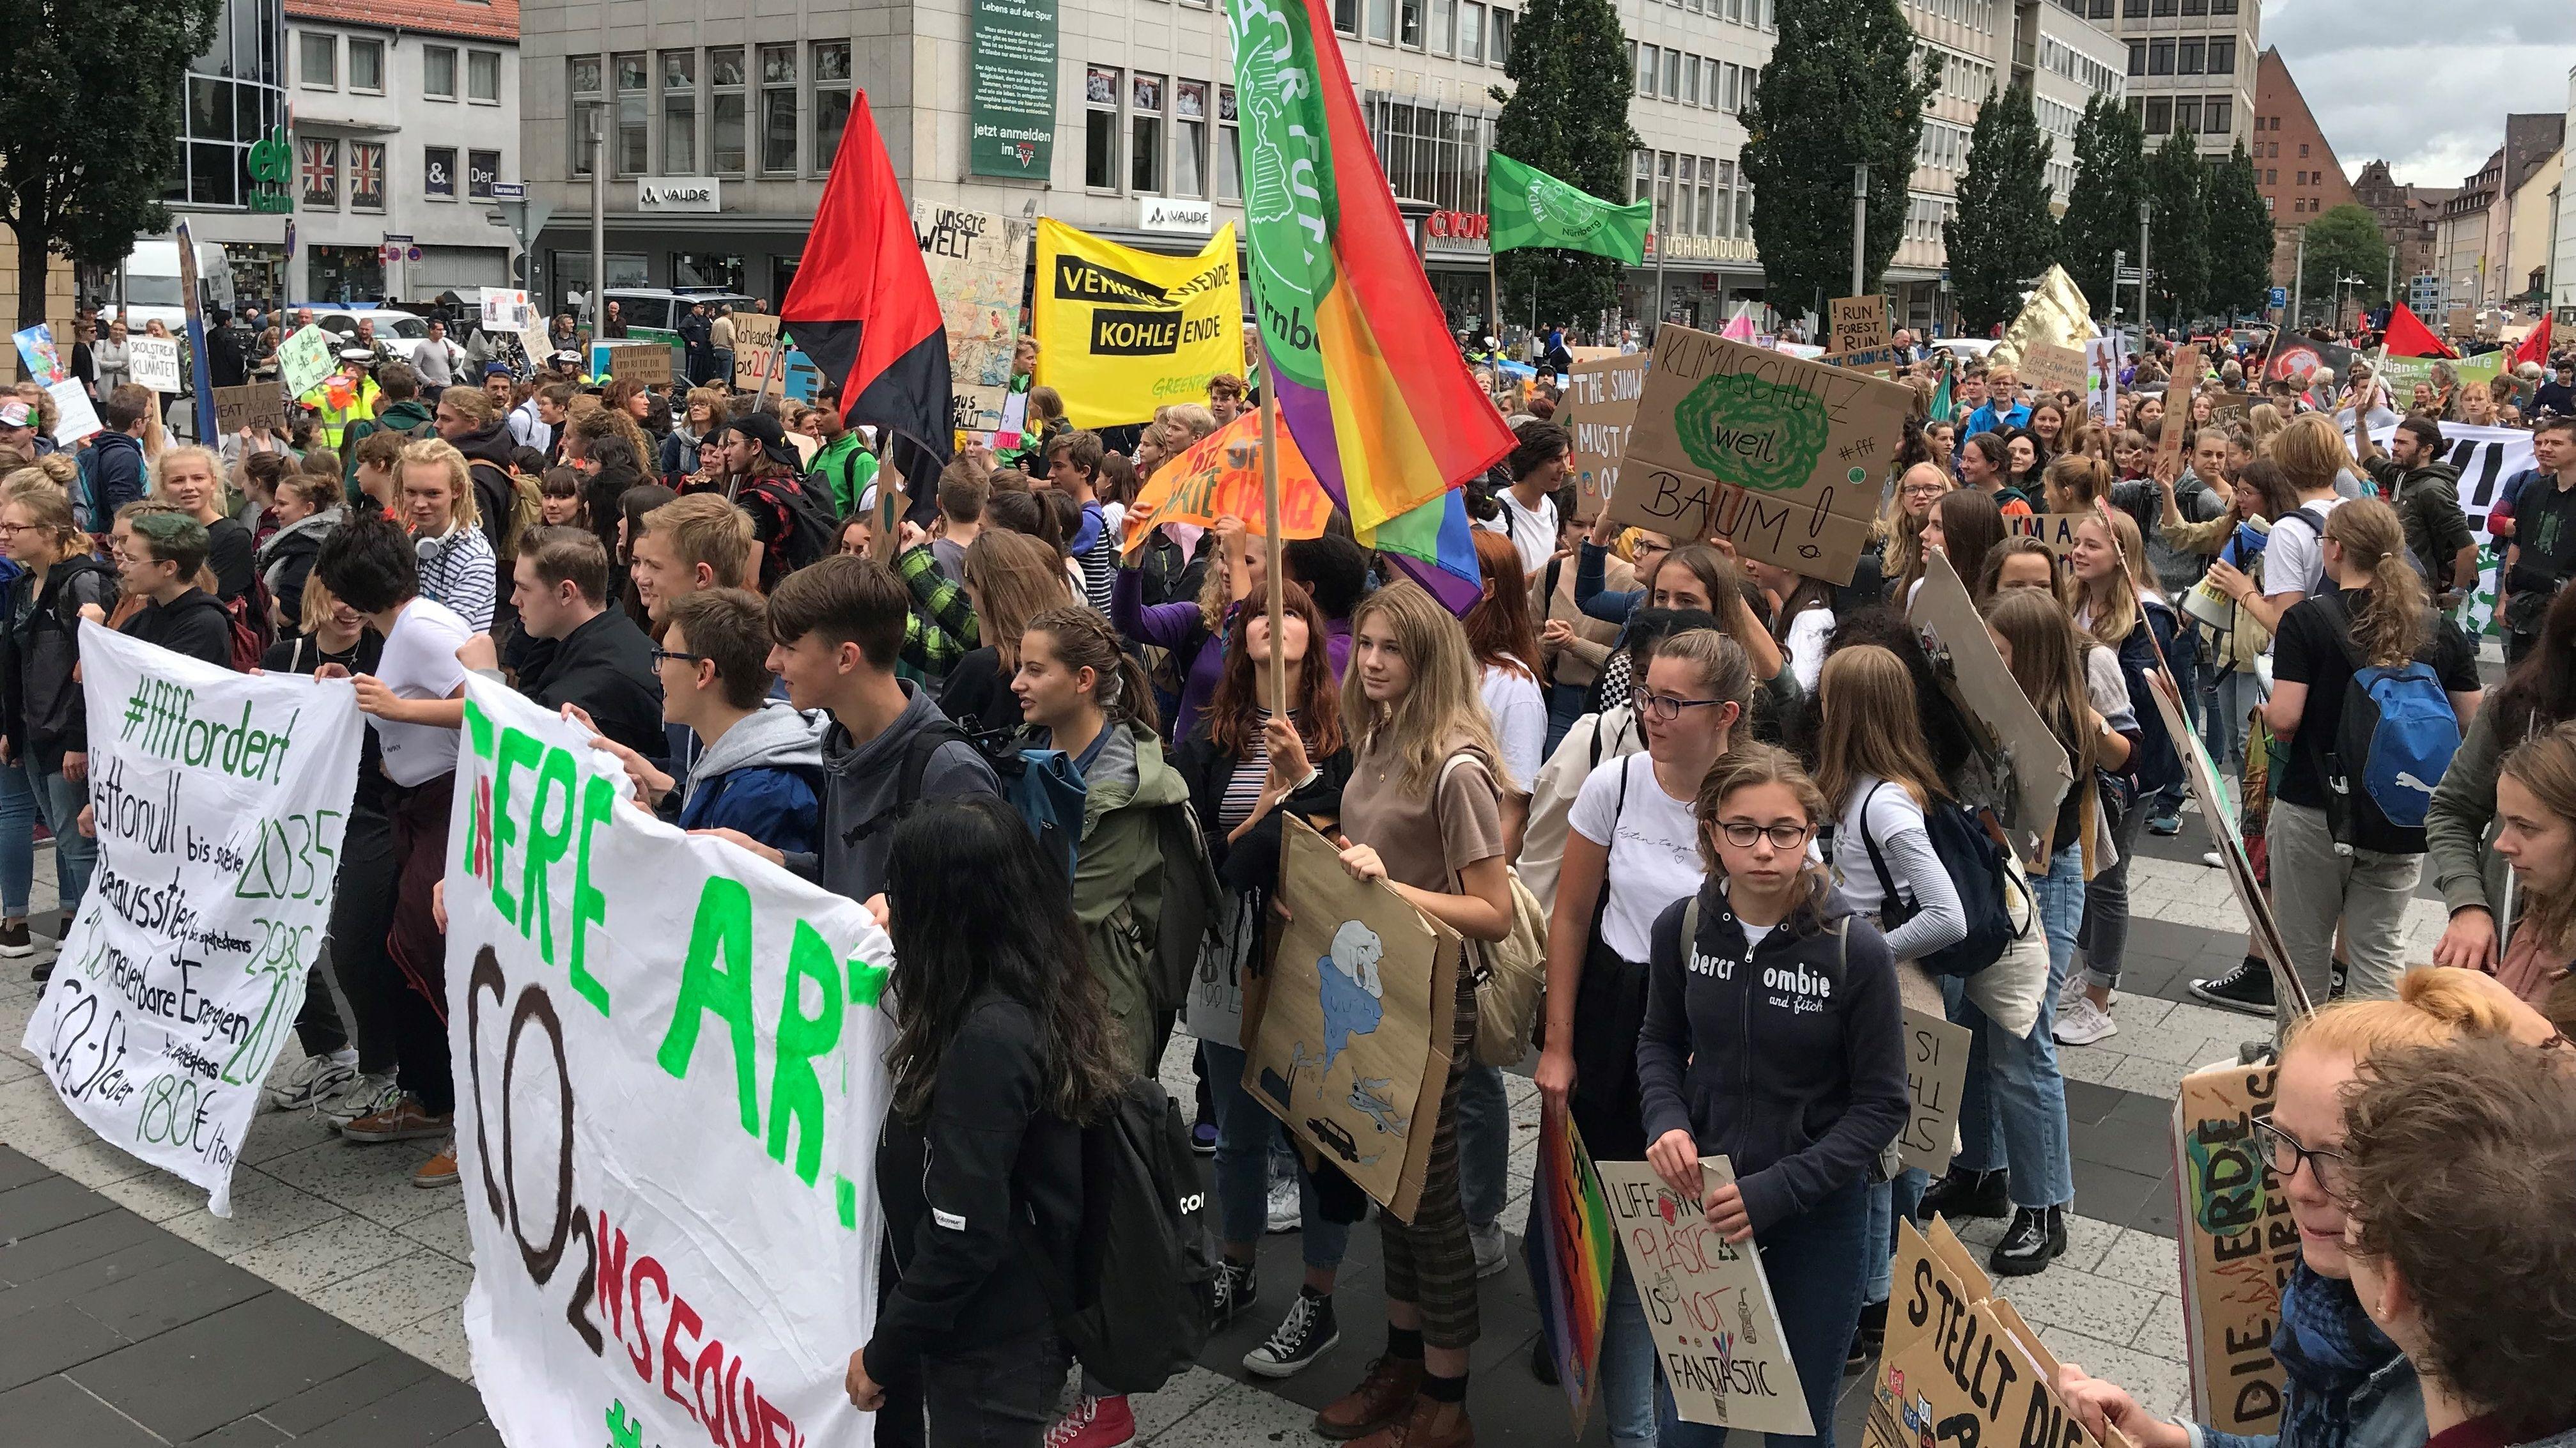 In der Nürnberger Innenstadt haben mehr als 700 Fridays-for-Future-Aktivisten für einen besseren Klimaschutz demonstriert. Das Klimapaket der Bundesregierung von vergangener Woche kritisierten sie scharf.